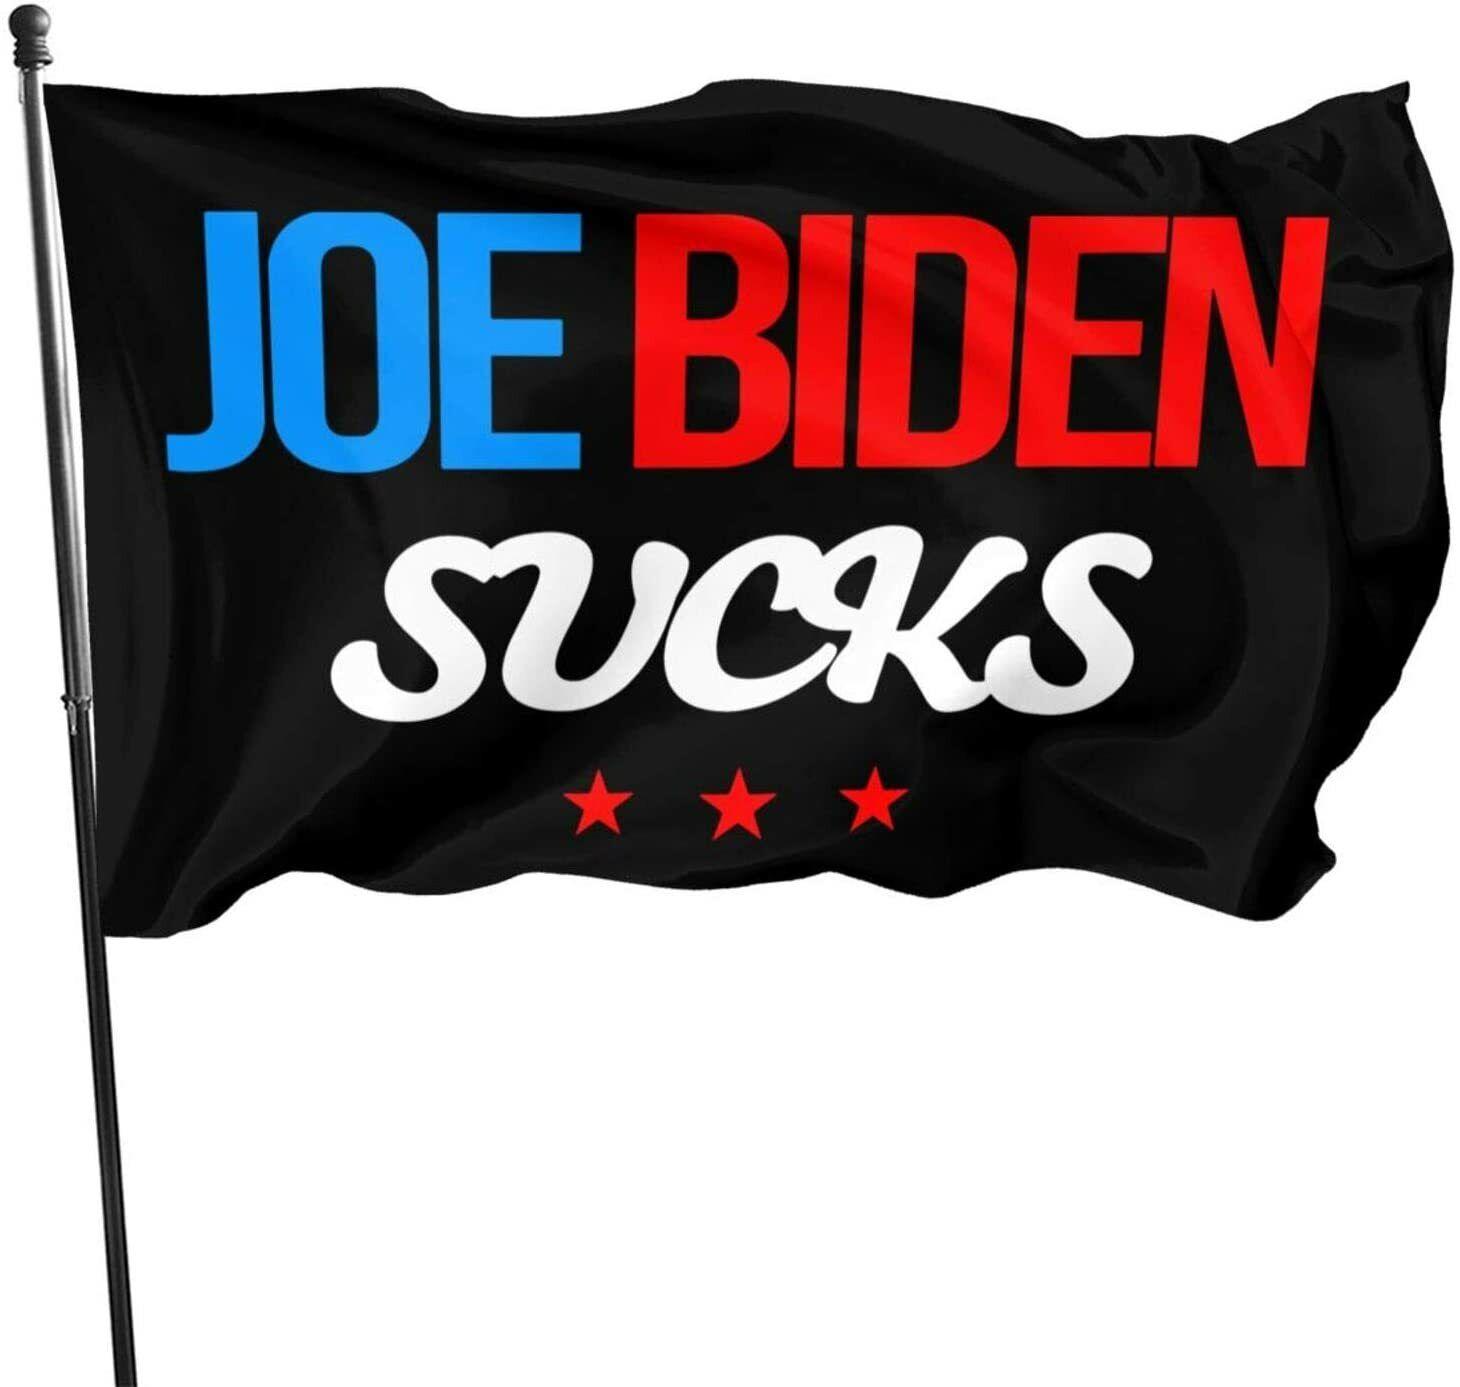 Joe Biden Sucks